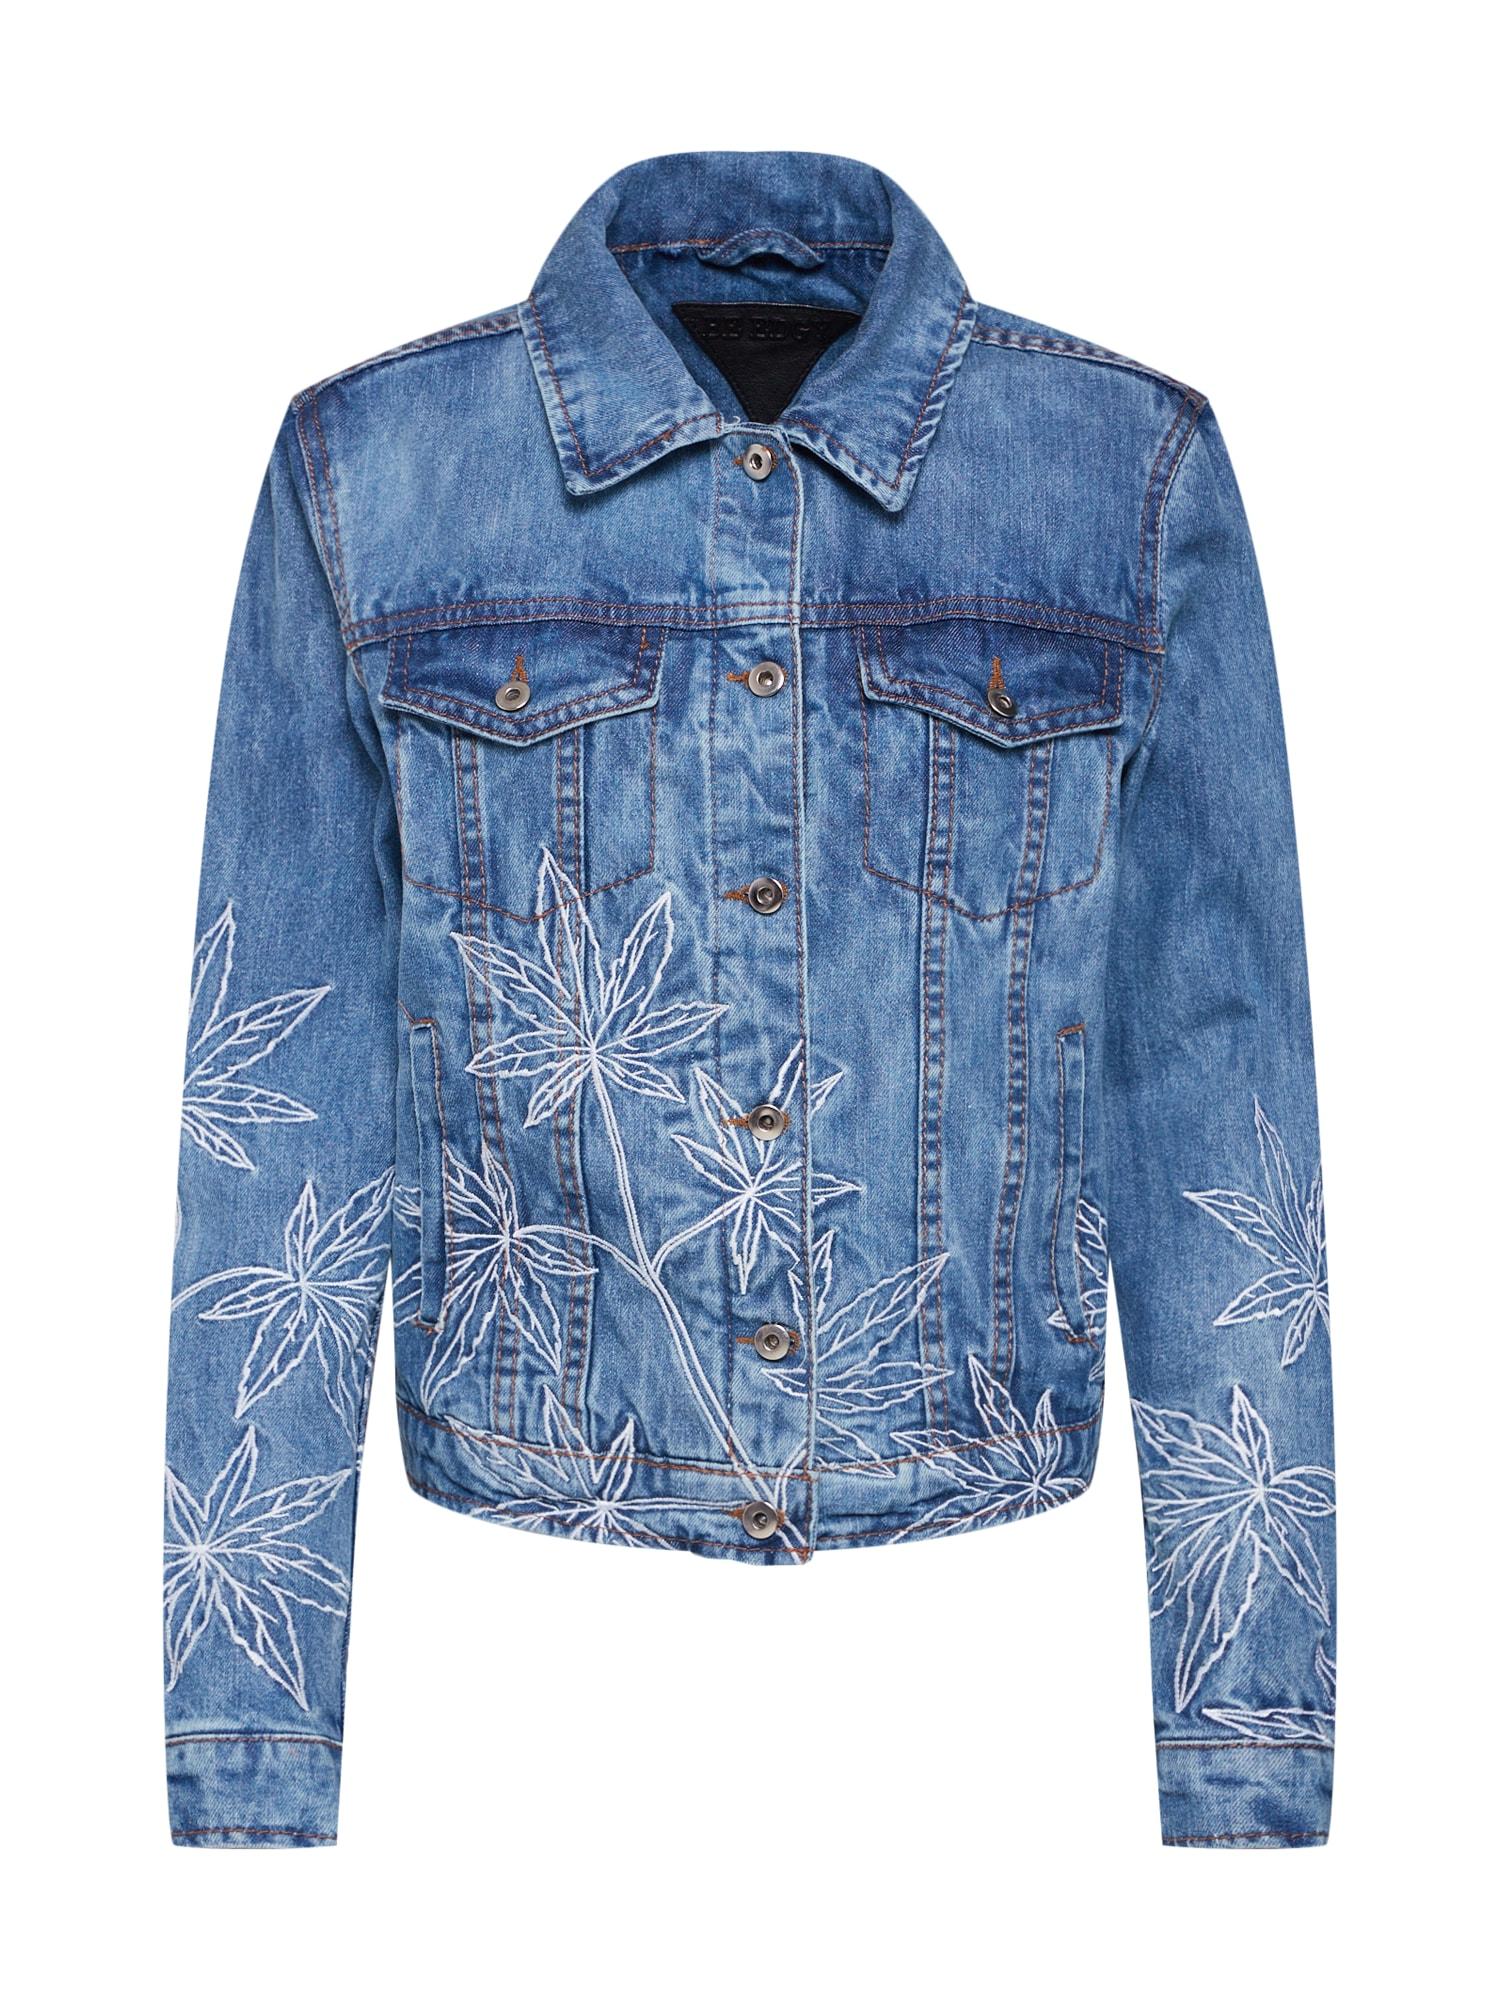 Přechodná bunda Bekathy D modrá džínovina BE EDGY